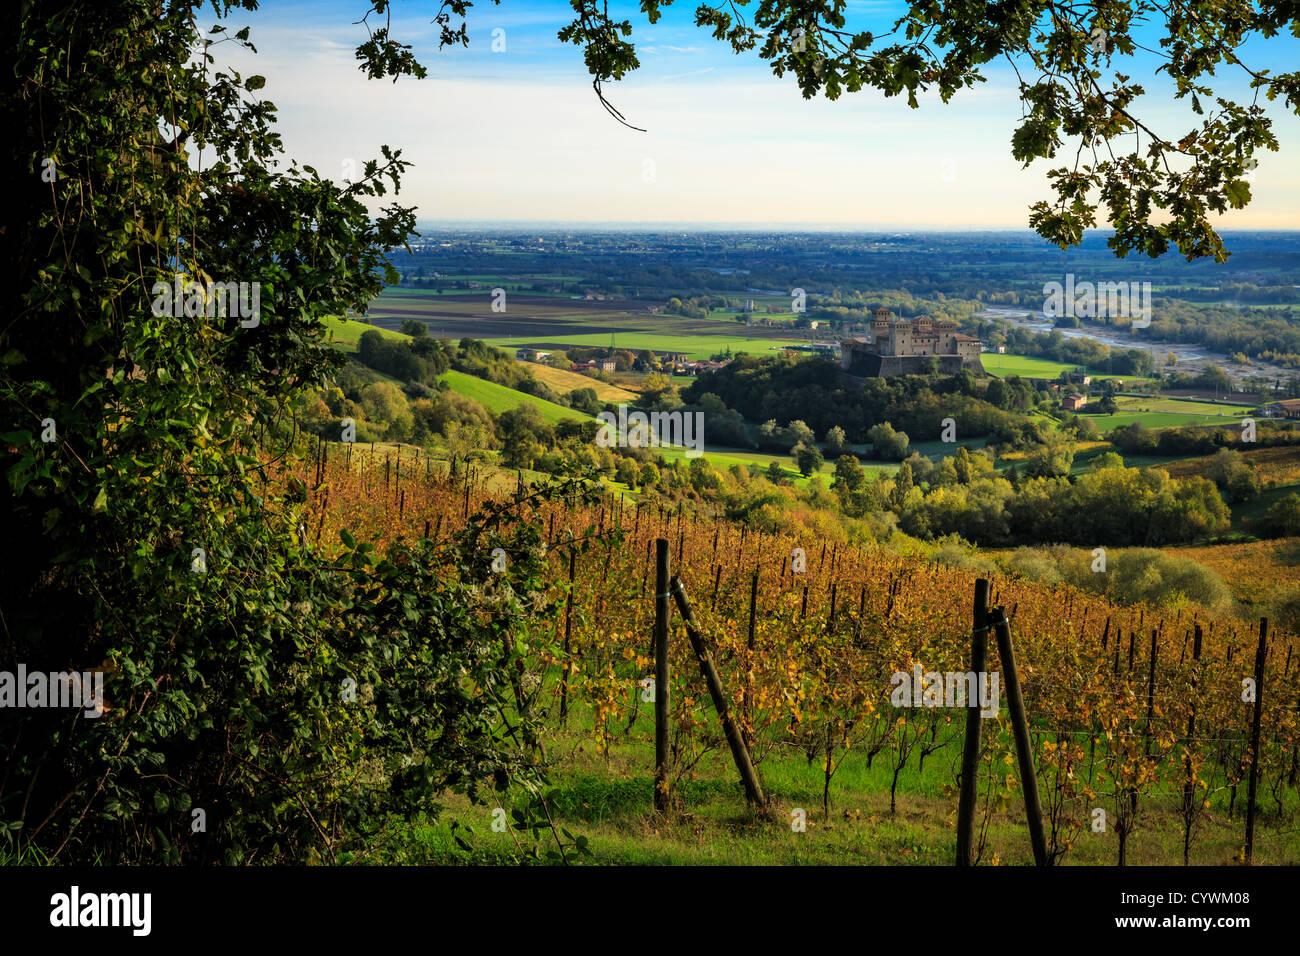 Vu de l'Apennin de la vallée du Pô, Langhirano, Parme, Italie Photo Stock